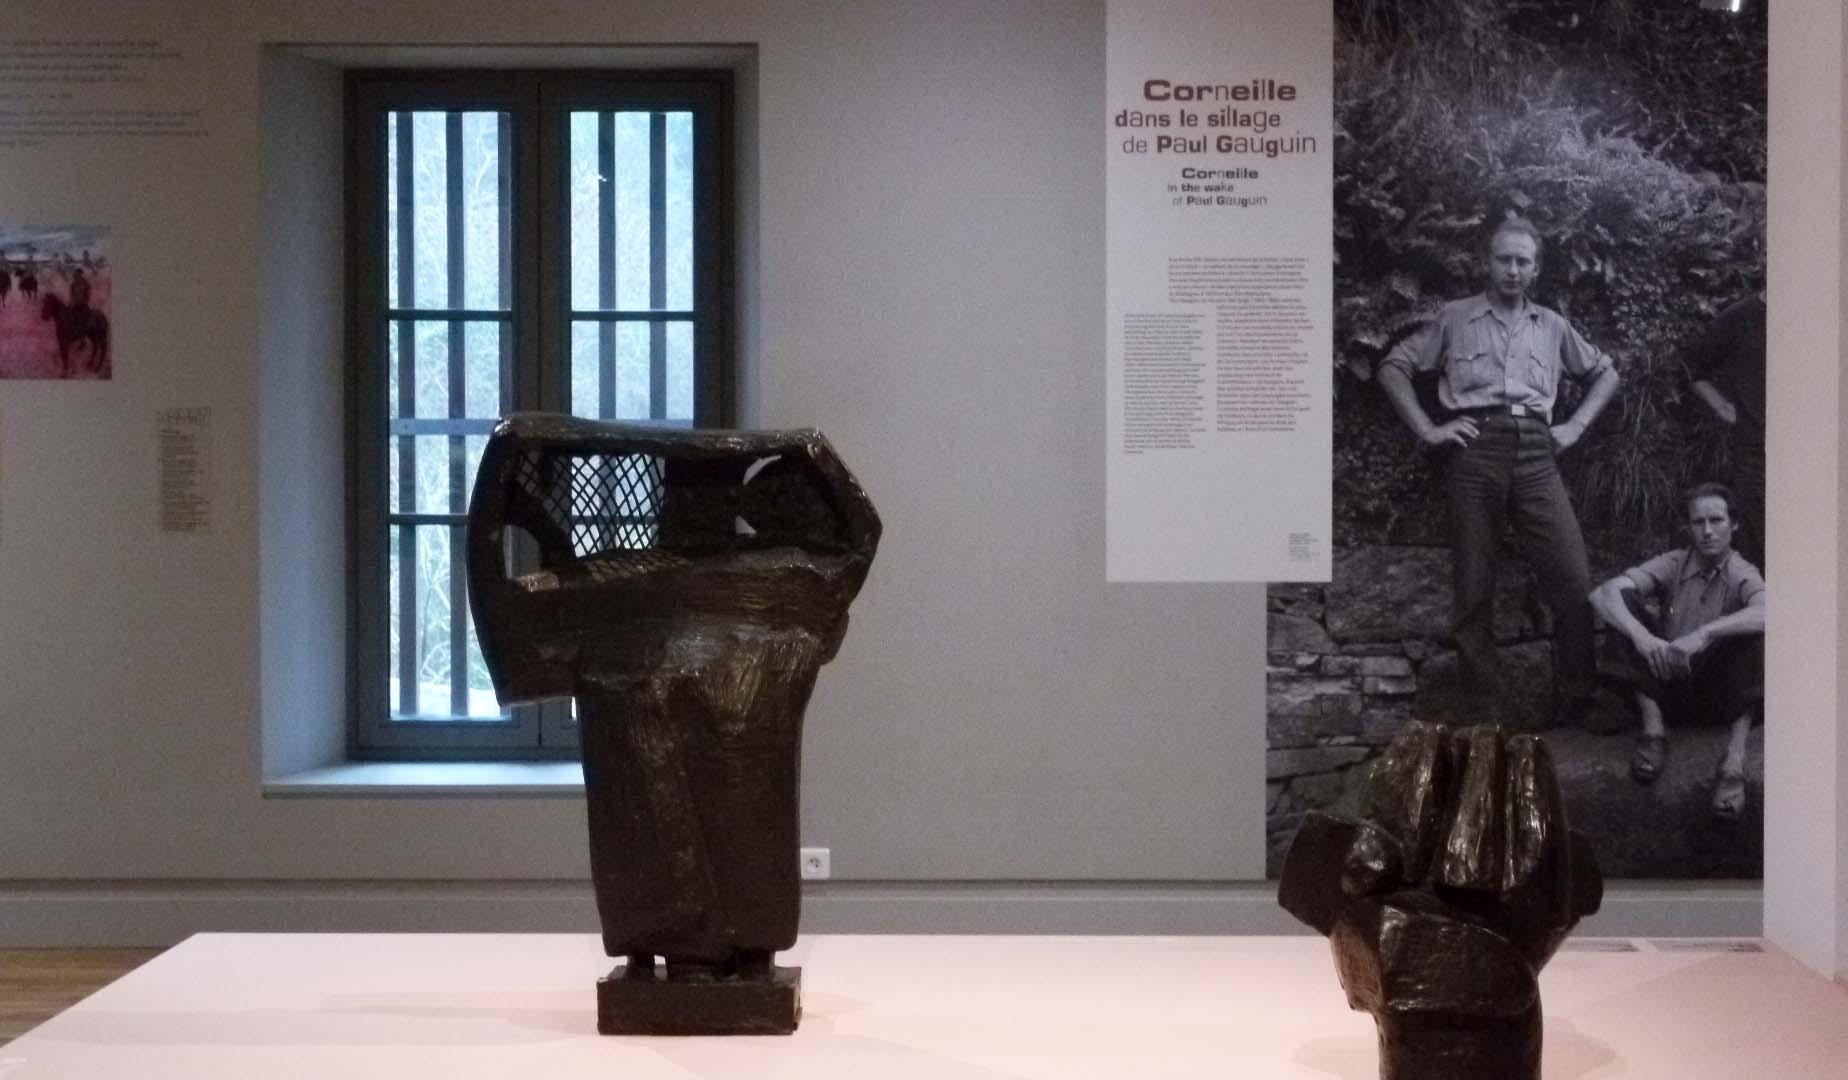 expo corneille musée pont aven